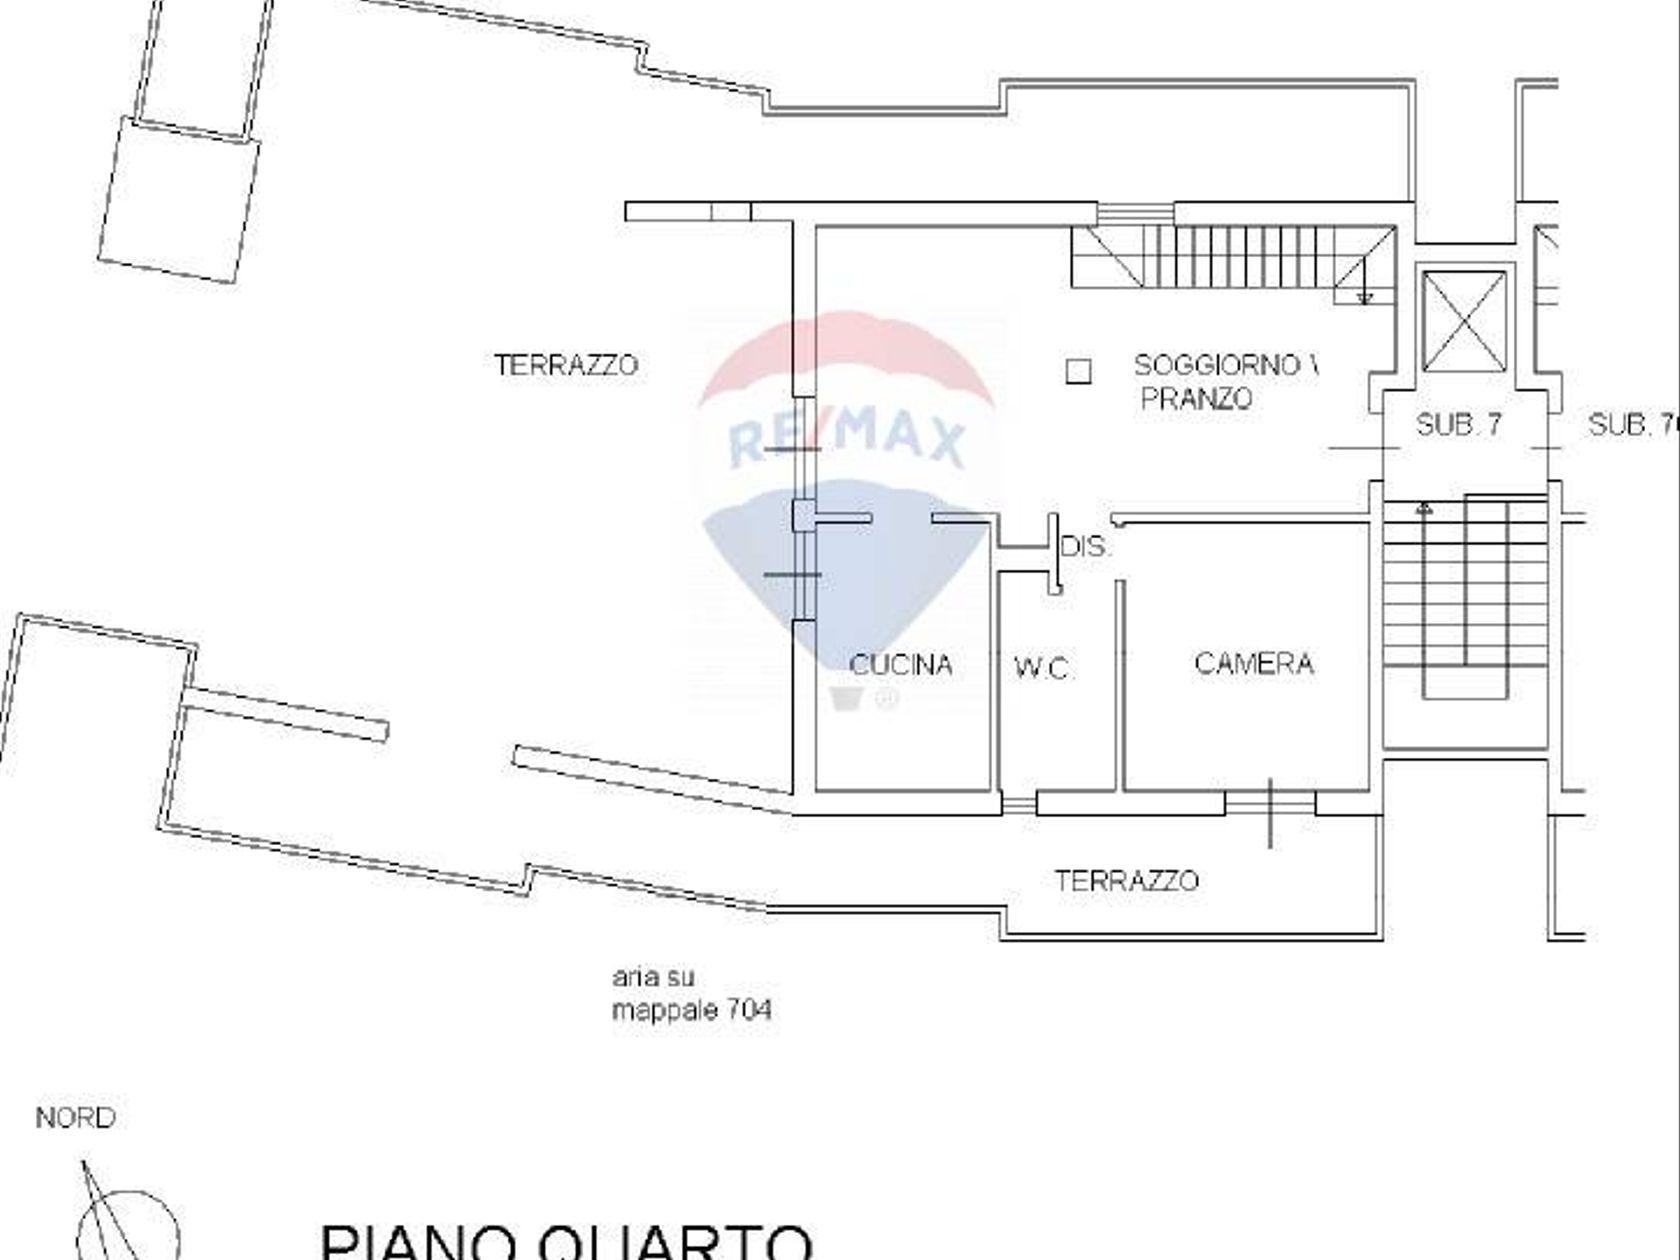 Attico/Mansarda Carrara, MS Vendita - Planimetria 1